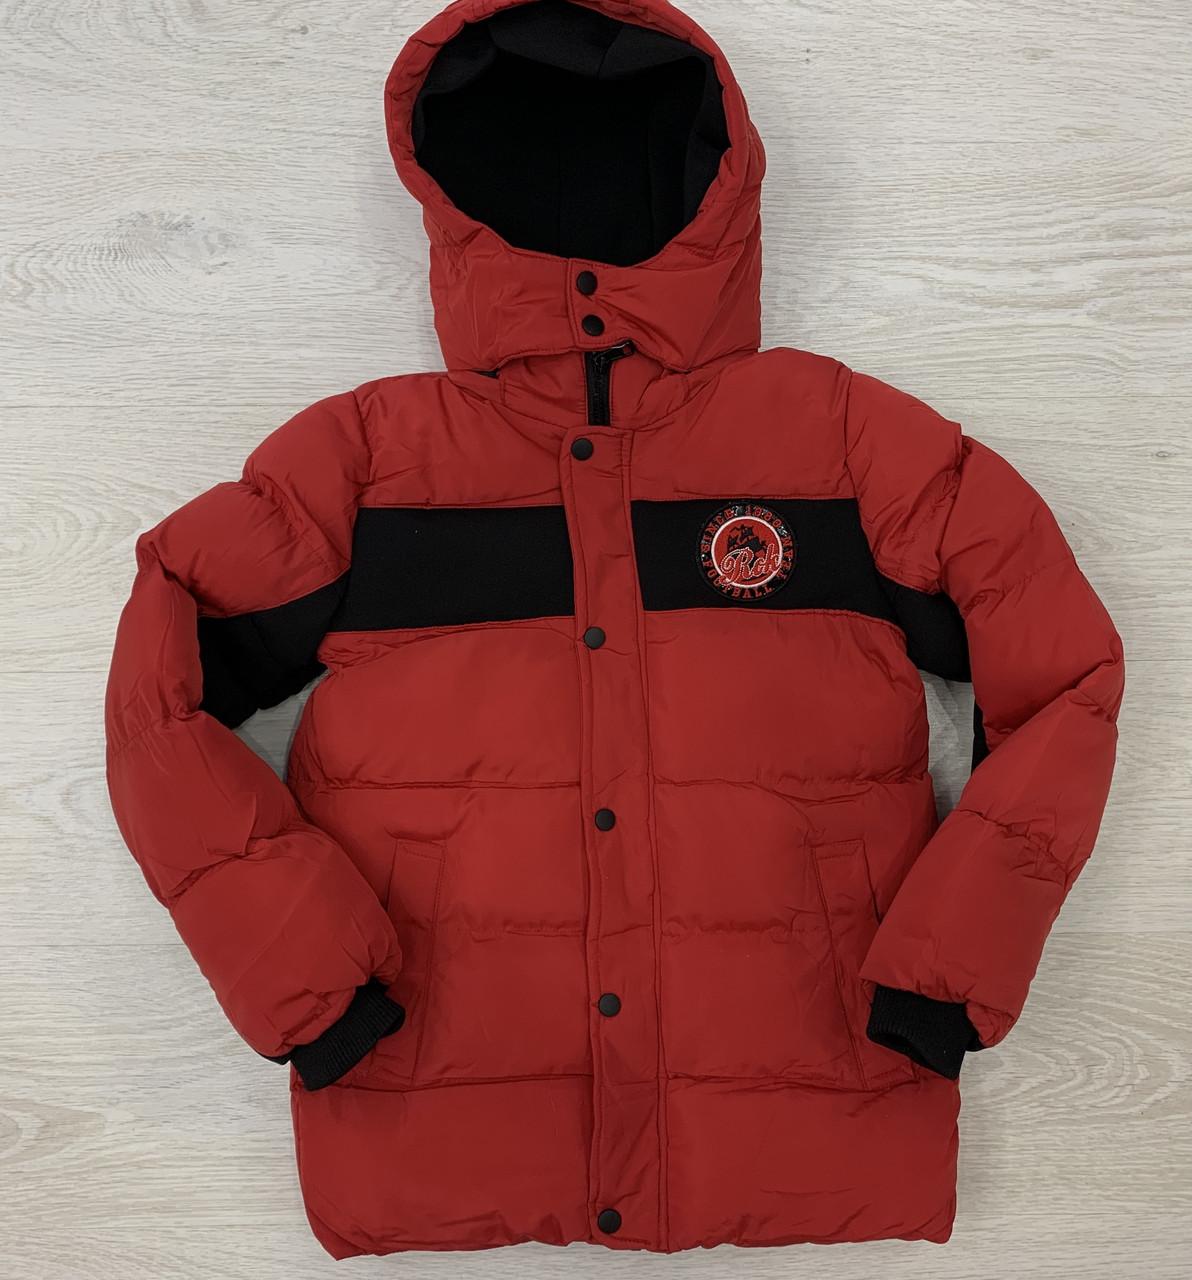 Зимняя куртка пуховик для мальчика, Glo-story, арт. 9398